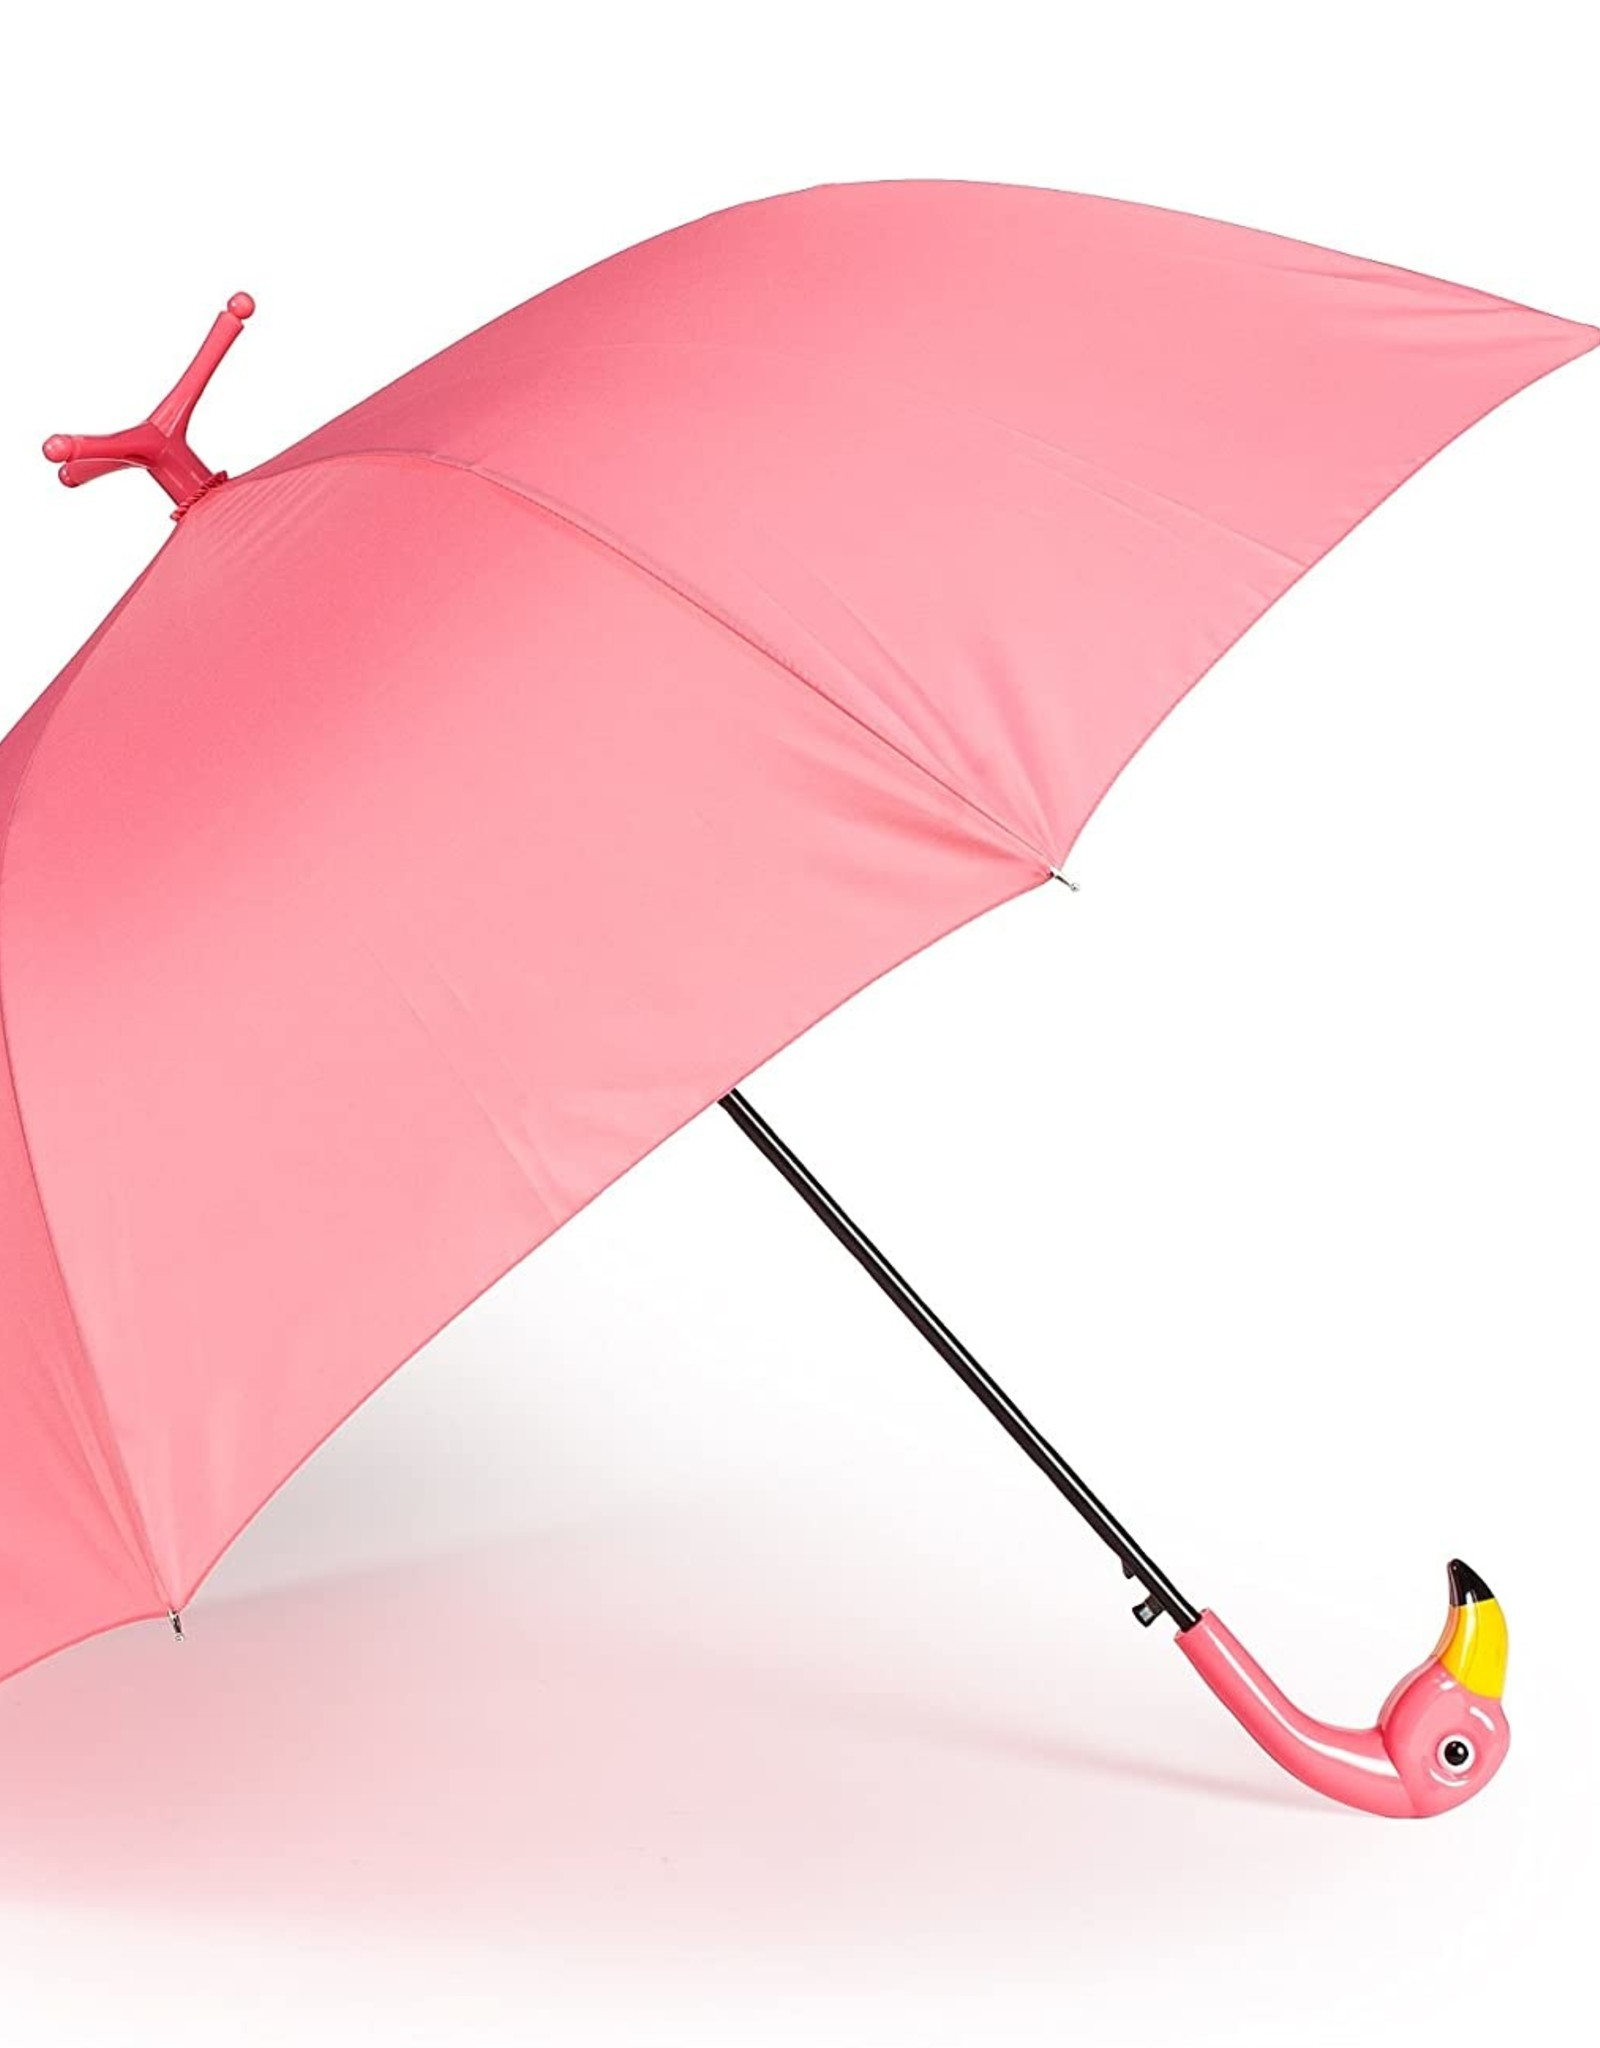 Umbrella - Classic Flamingo